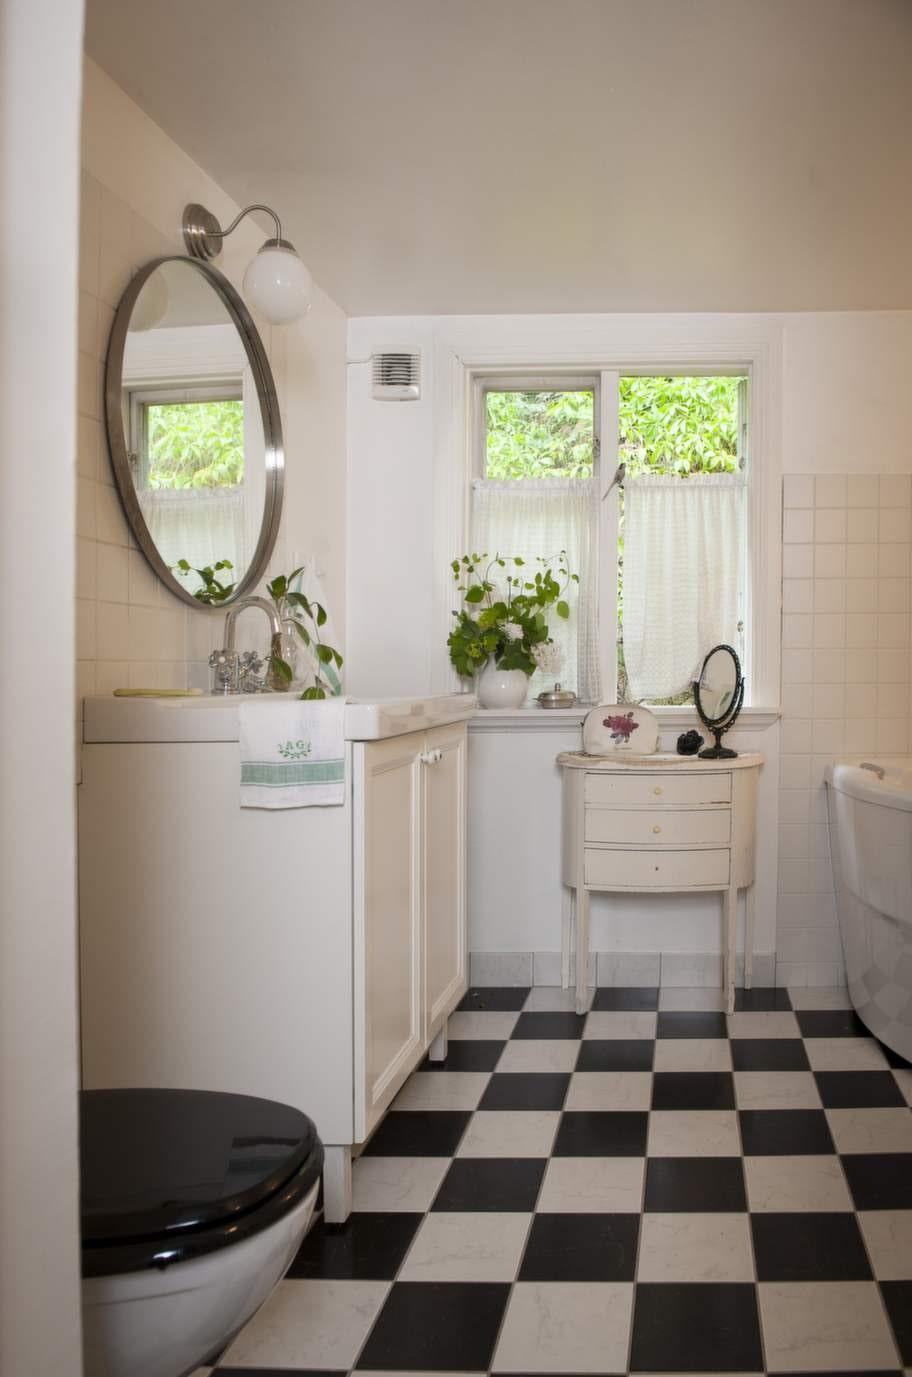 Se till att kranarna i badrummet inte droppar.